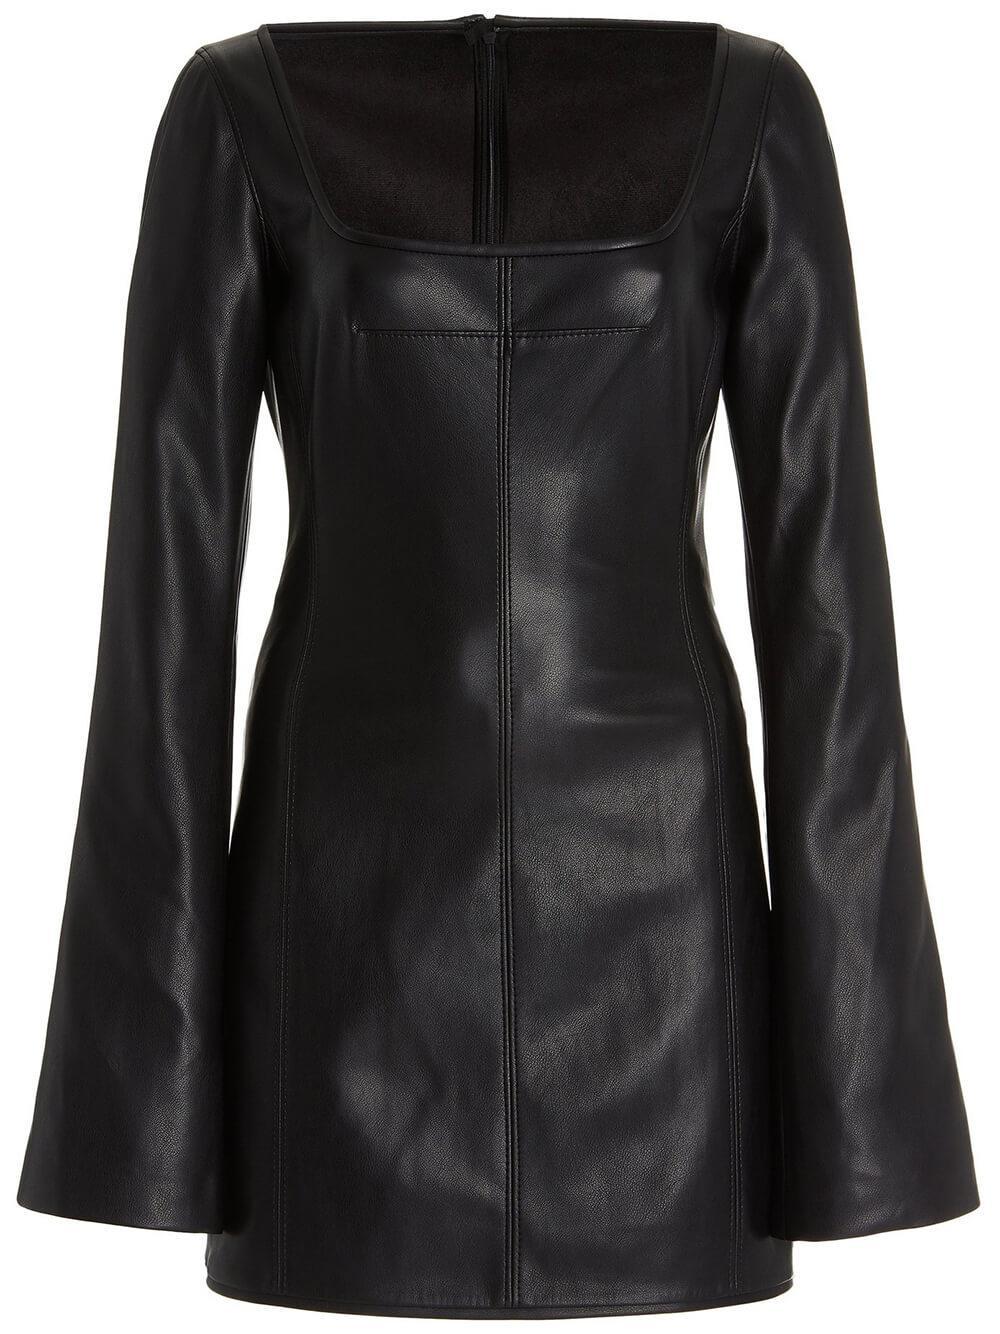 Vanna Faux Leather Mini Dress Item # A3210317-7415